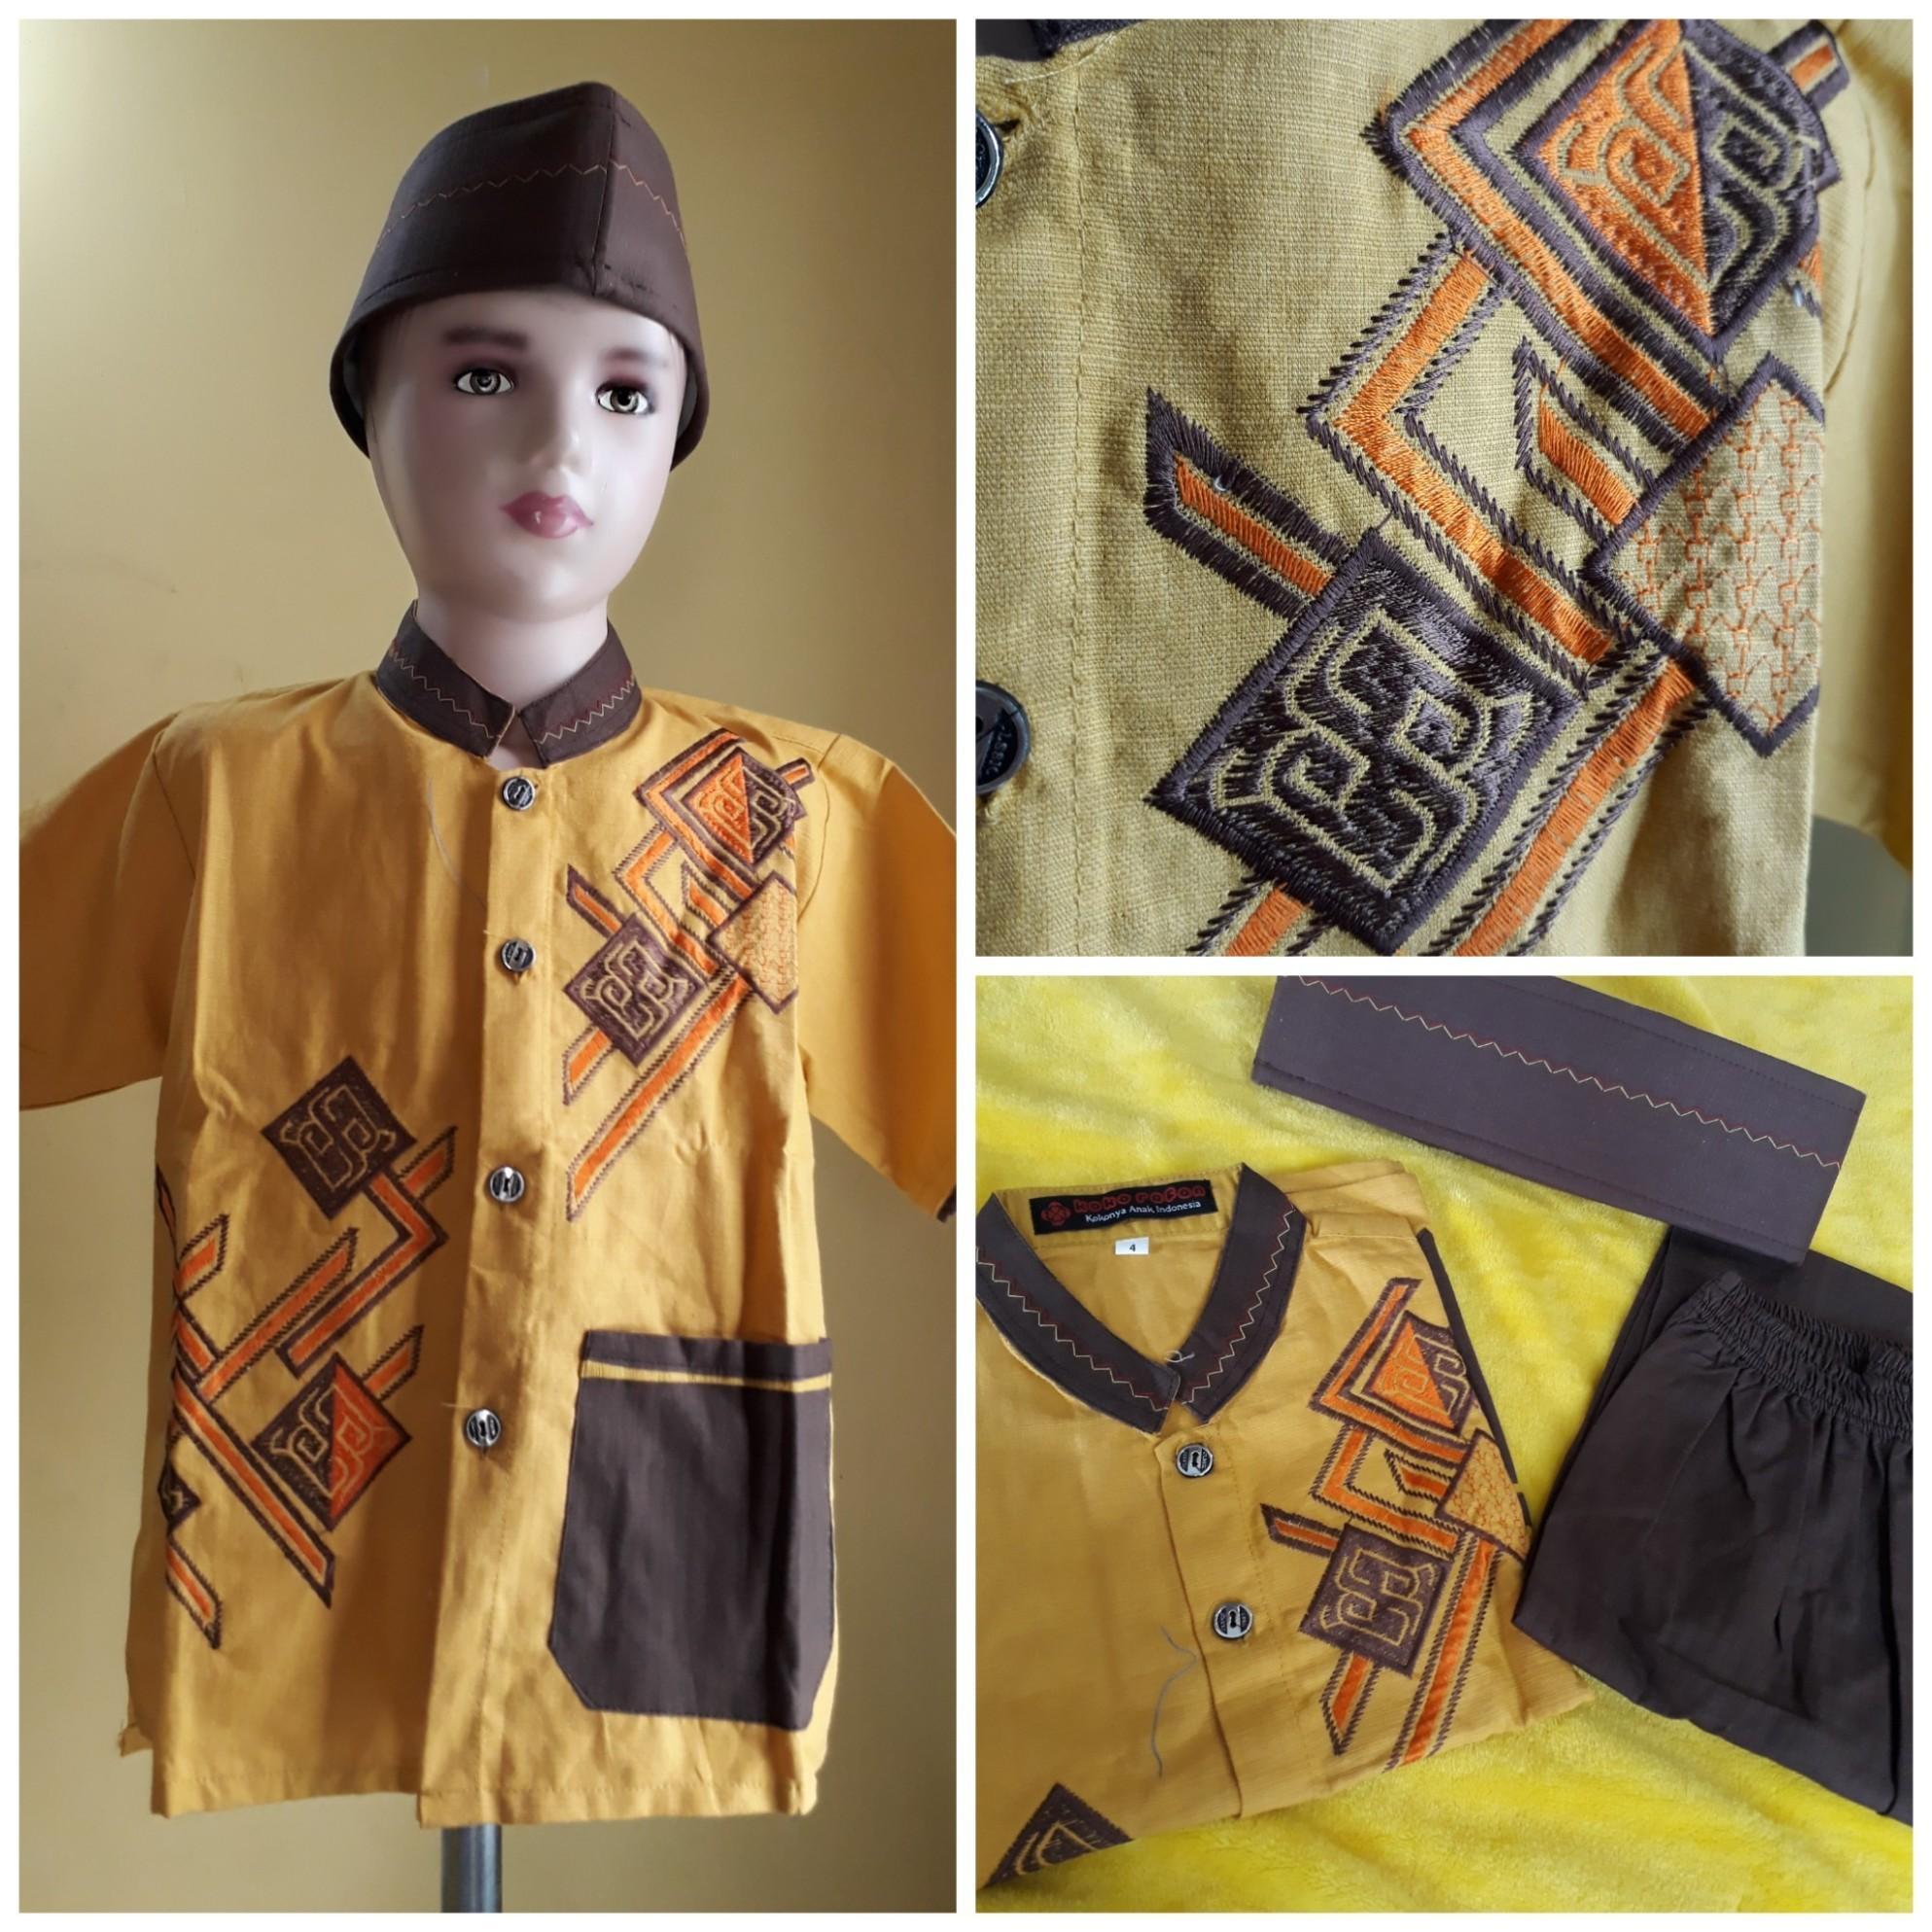 Setelan Koko Sarung Dan Peci Muslim Anak Orange Motif O Page 4 Source · Setelan baju koko anak peci